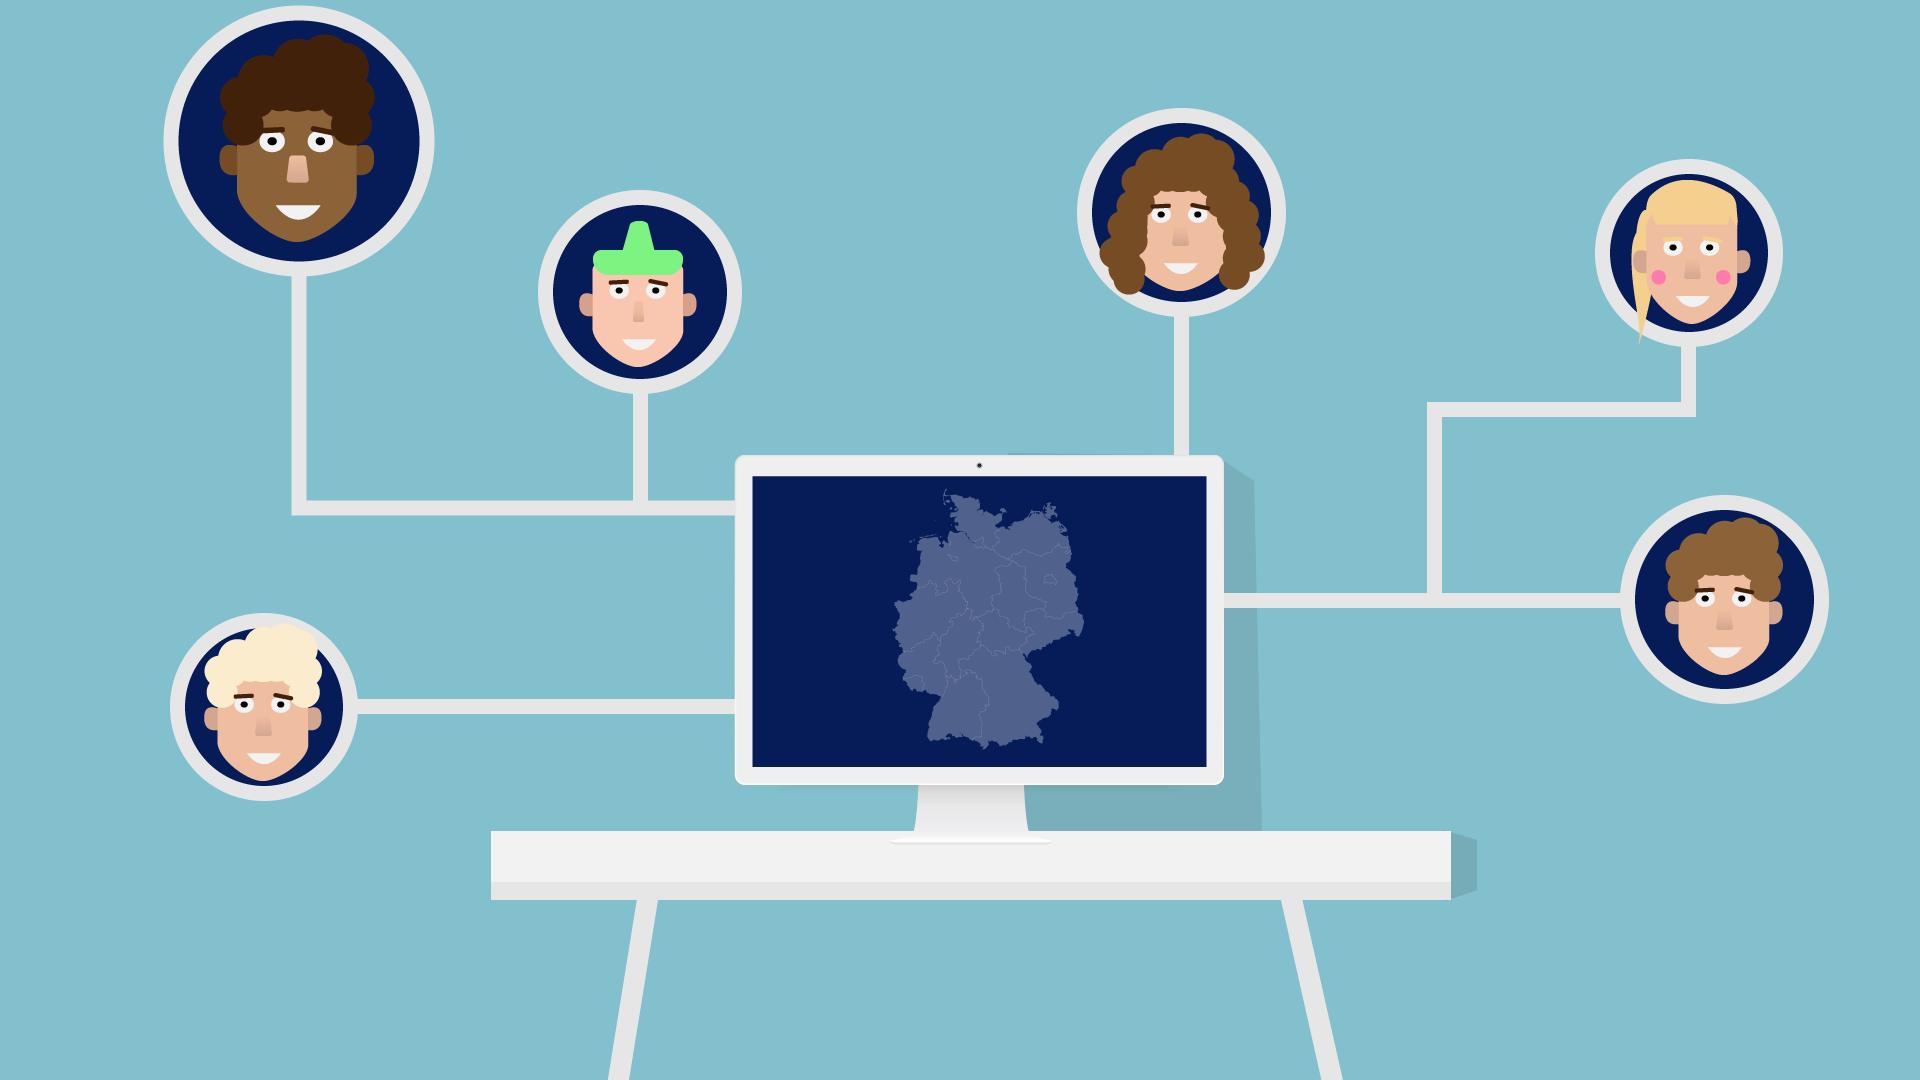 Verschiedene User im Netzwerk verbunden